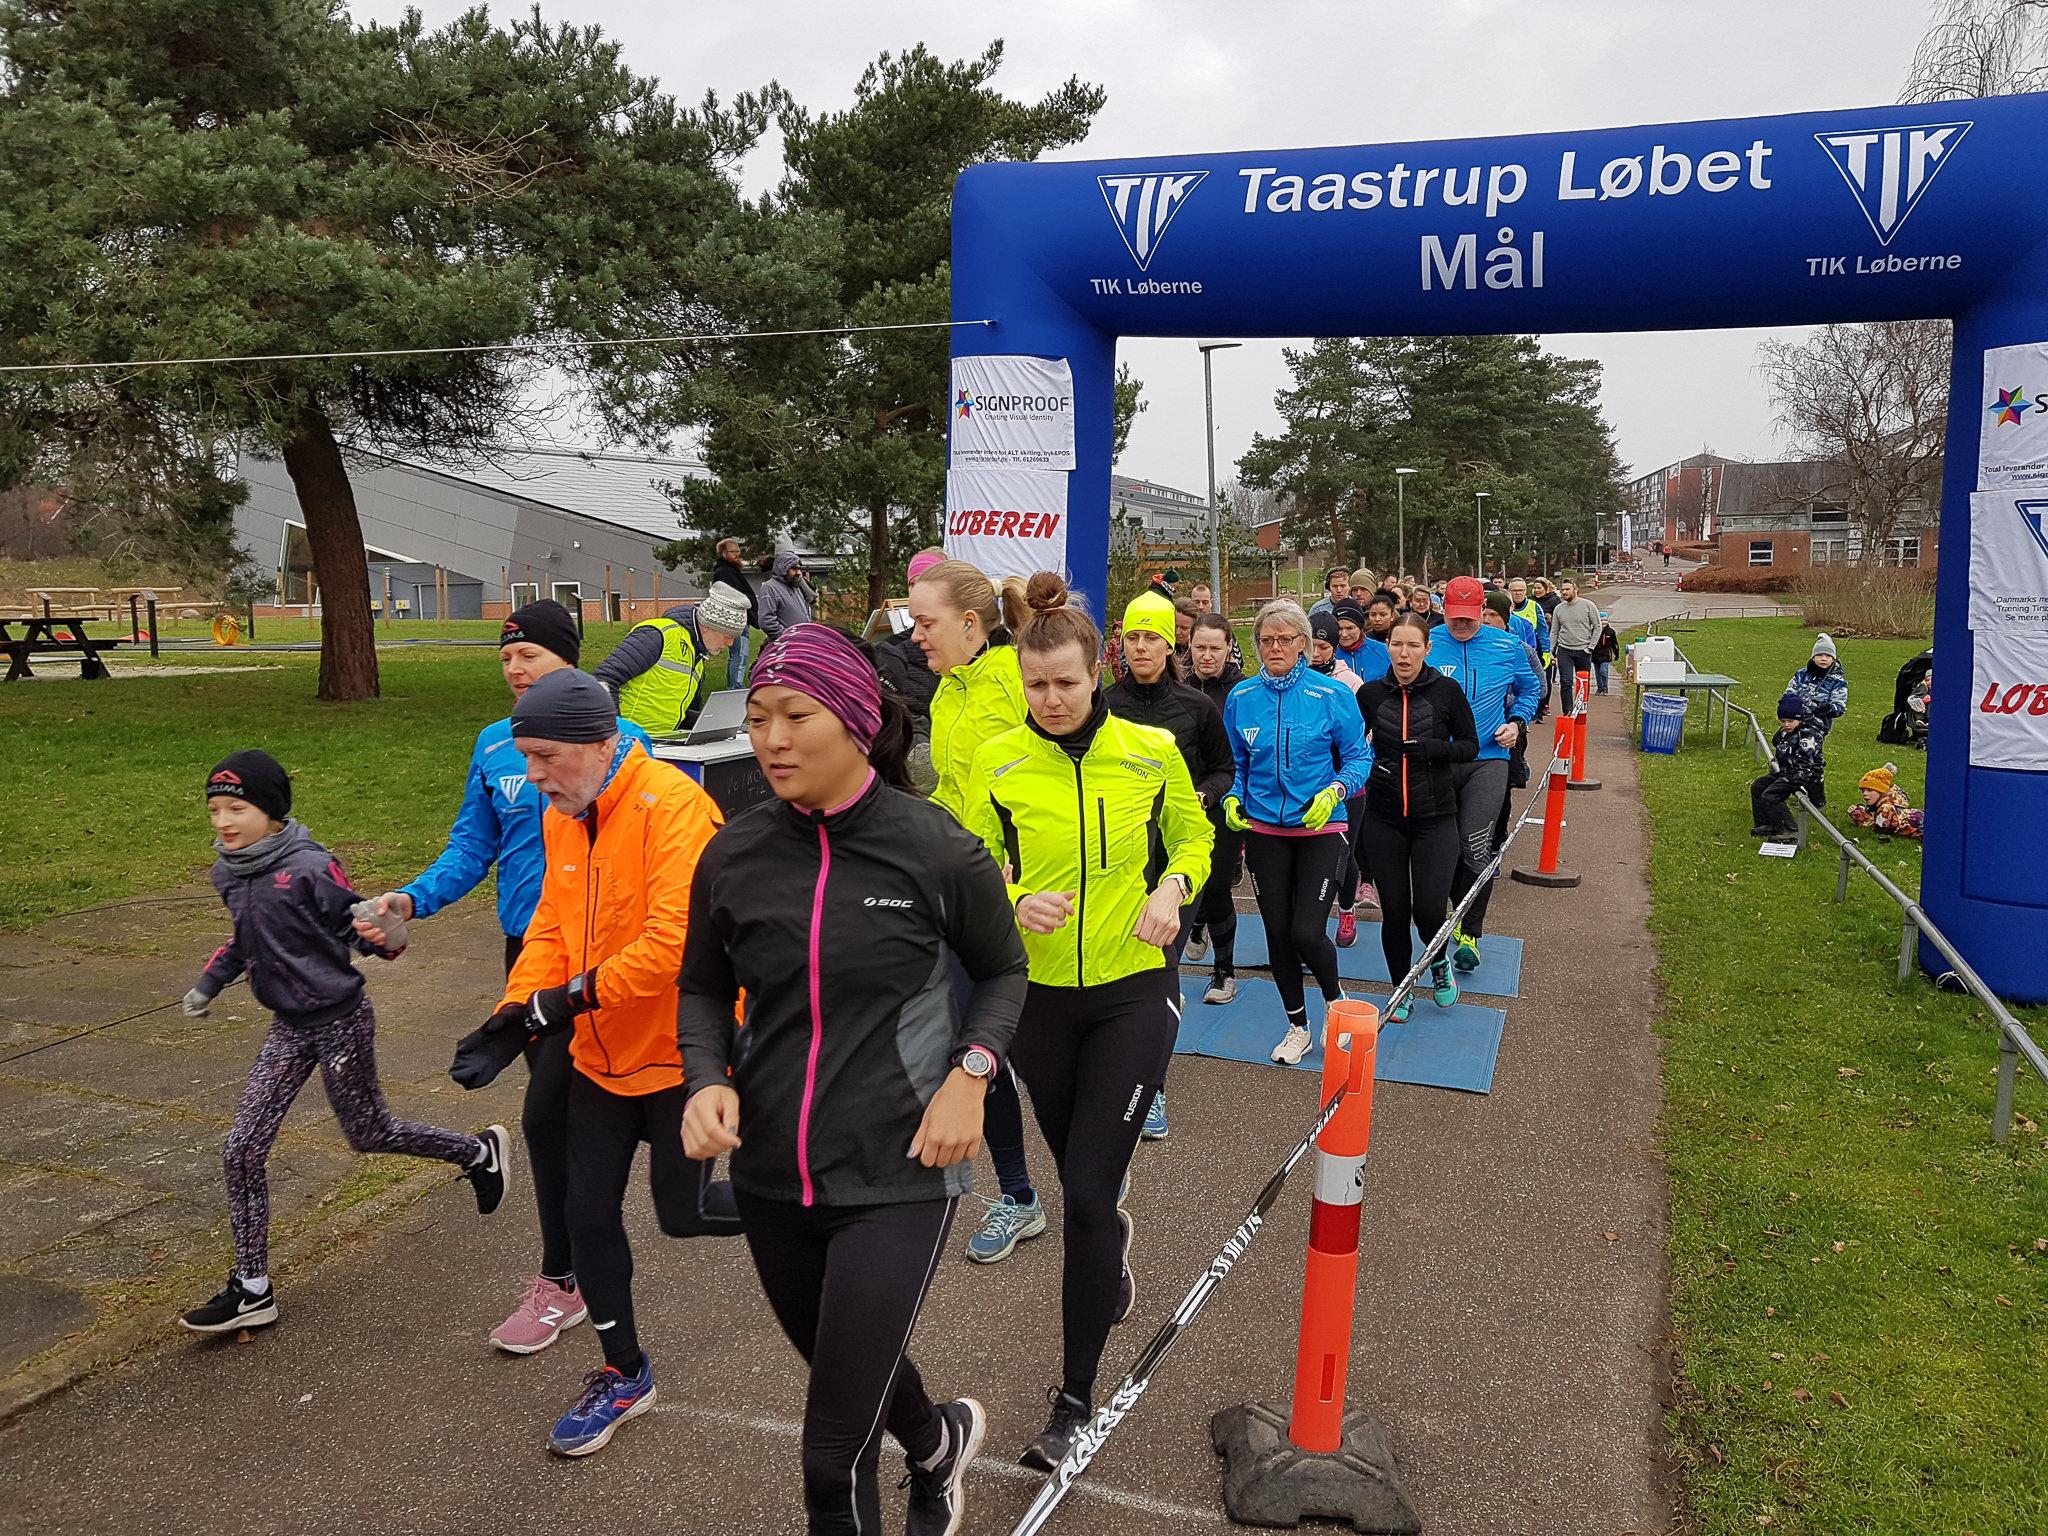 2020-02-09-180-Taastrup-Løbet-2020-02